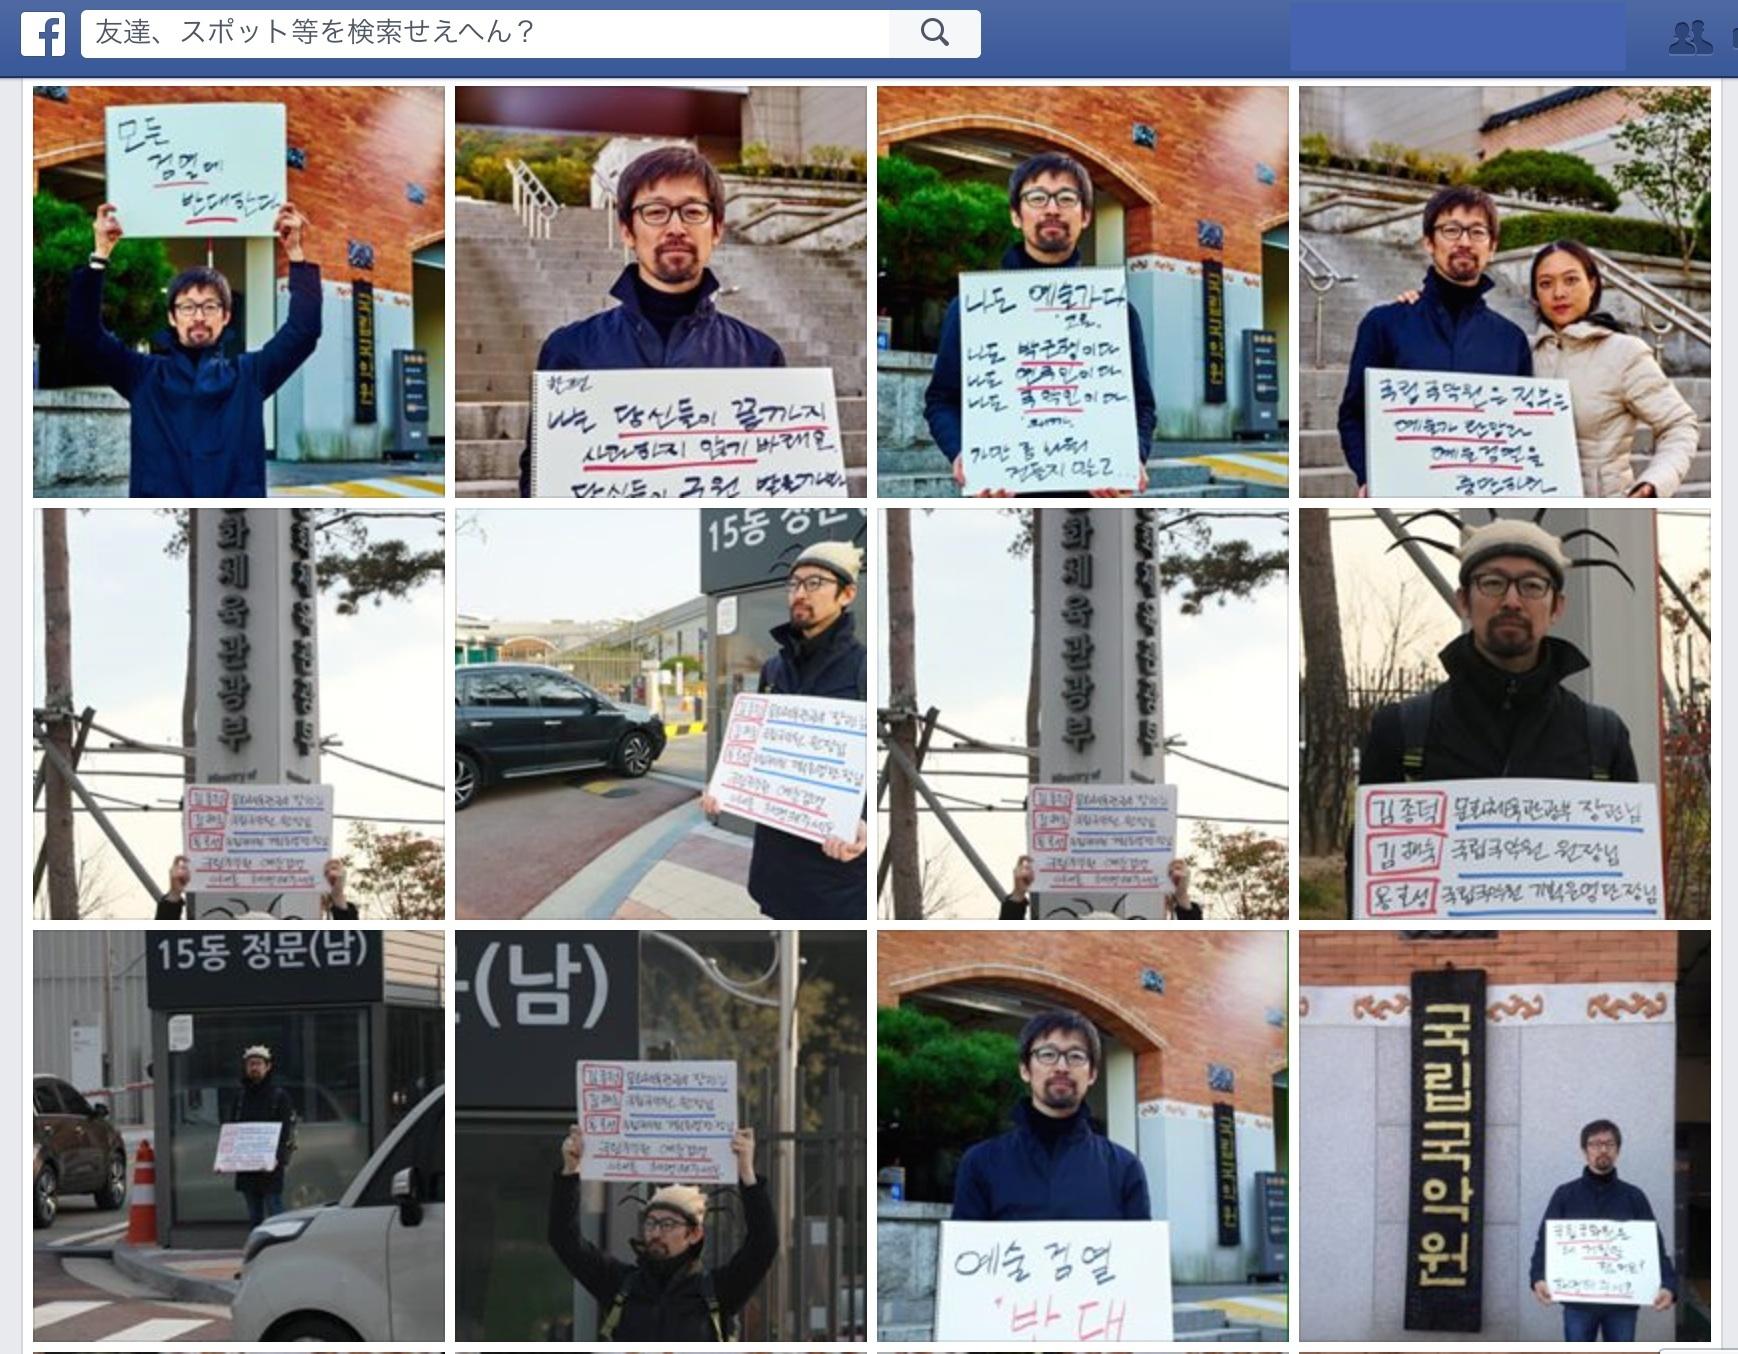 チョン・ヨンドゥ氏のFacebookページより、韓国国立伝統音楽院(国立国楽院)前でのデモ(スタンディング)